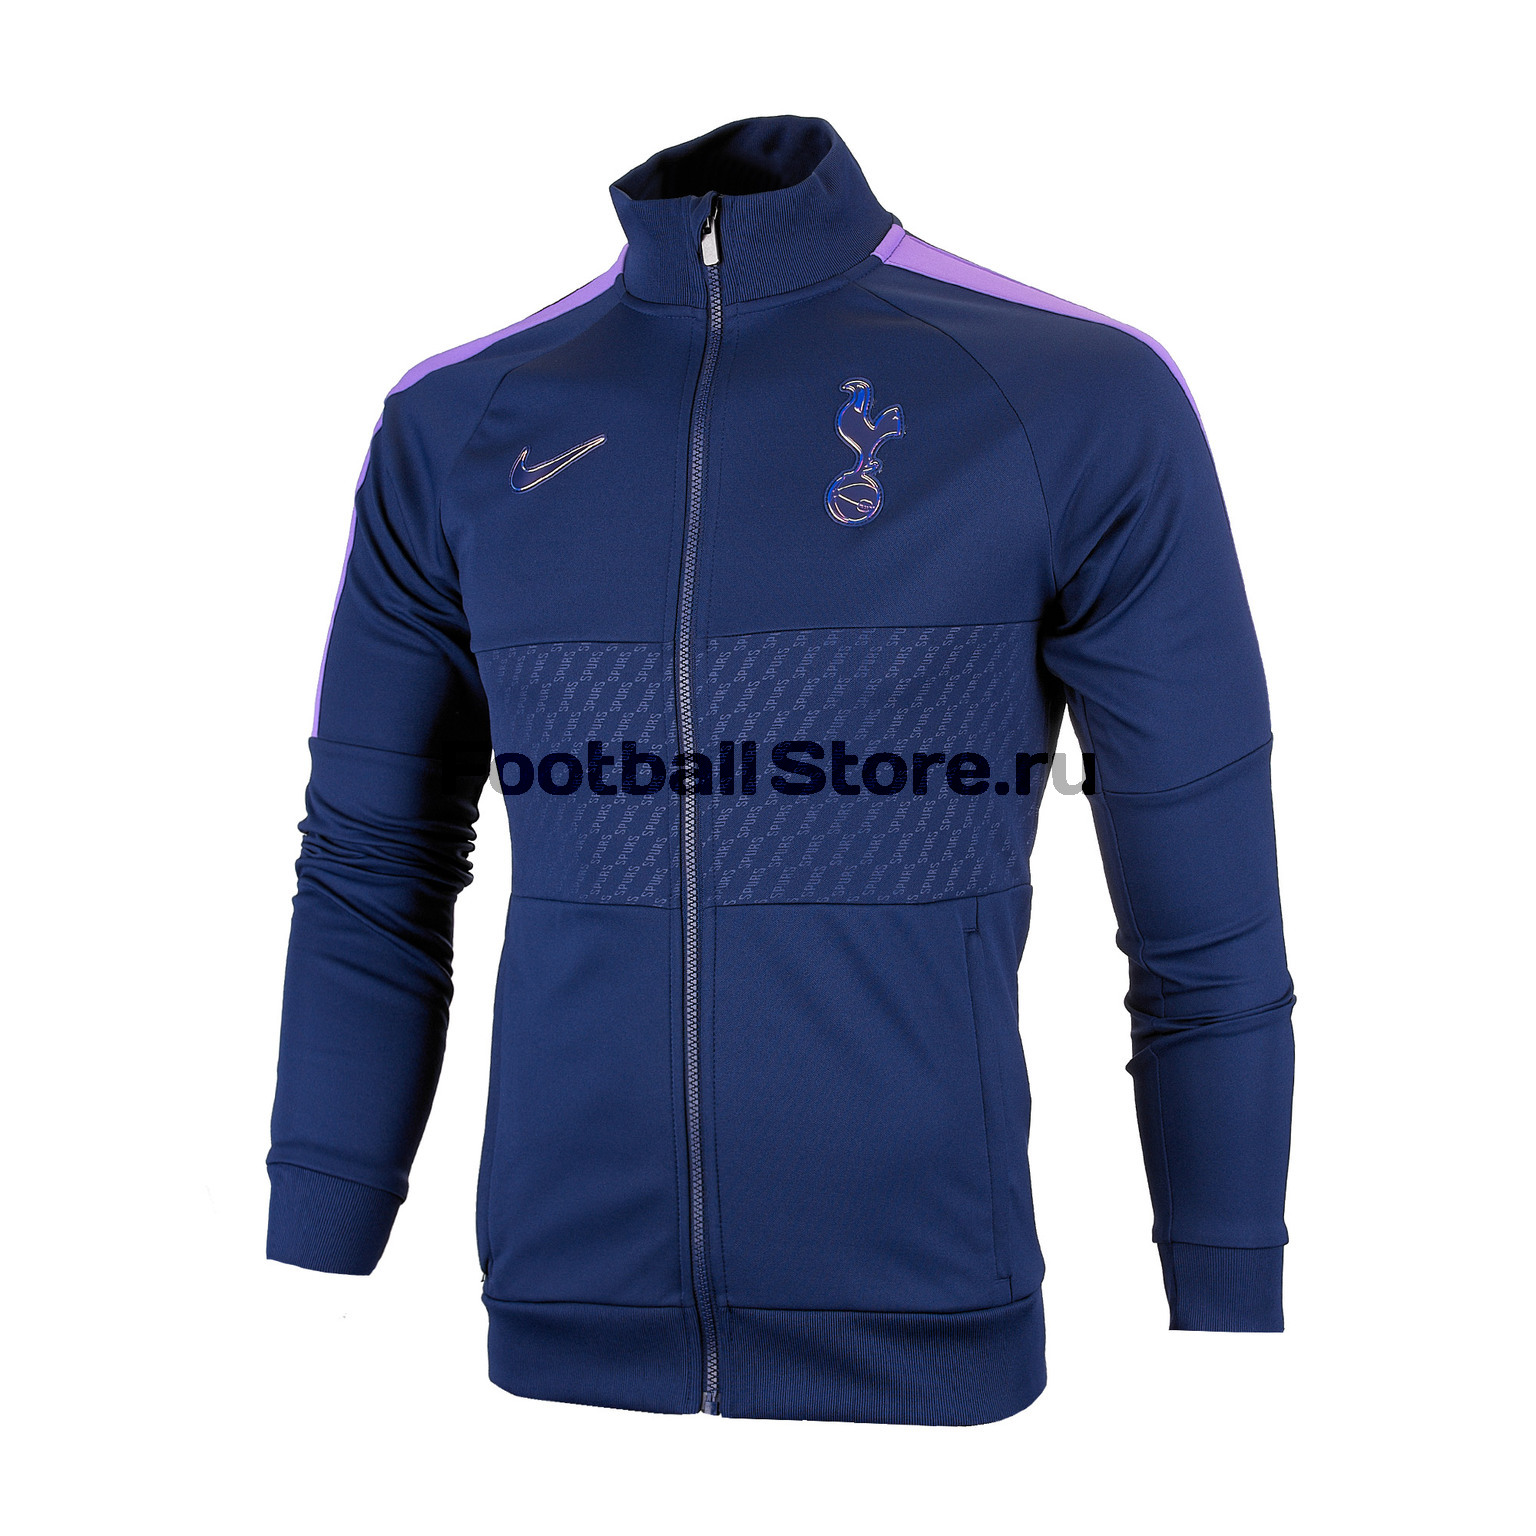 Олимпийка Nike Tottenham 2019/20 AO5451-429 tottenham huddersfield